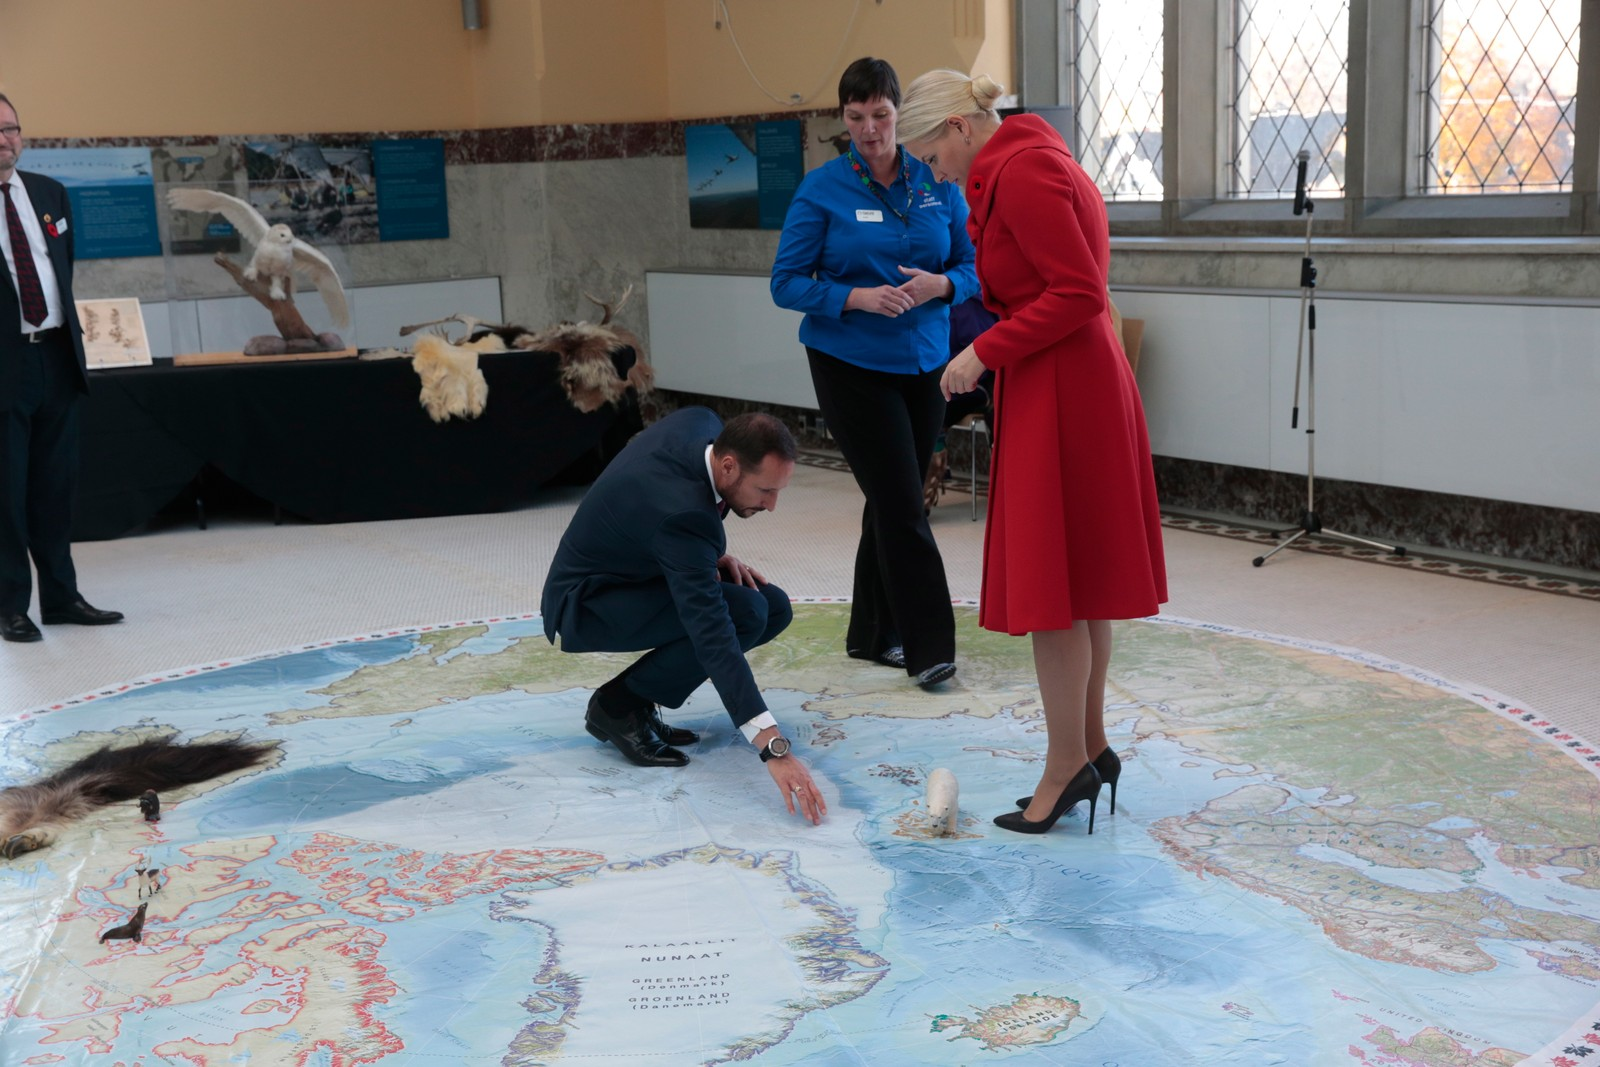 På Naturhistorisk museum i Ottawa dekker eit kart over nordområda deler av golvet. Kartet viser Roald Amundsens rute gjennom nordvestpassasjen.